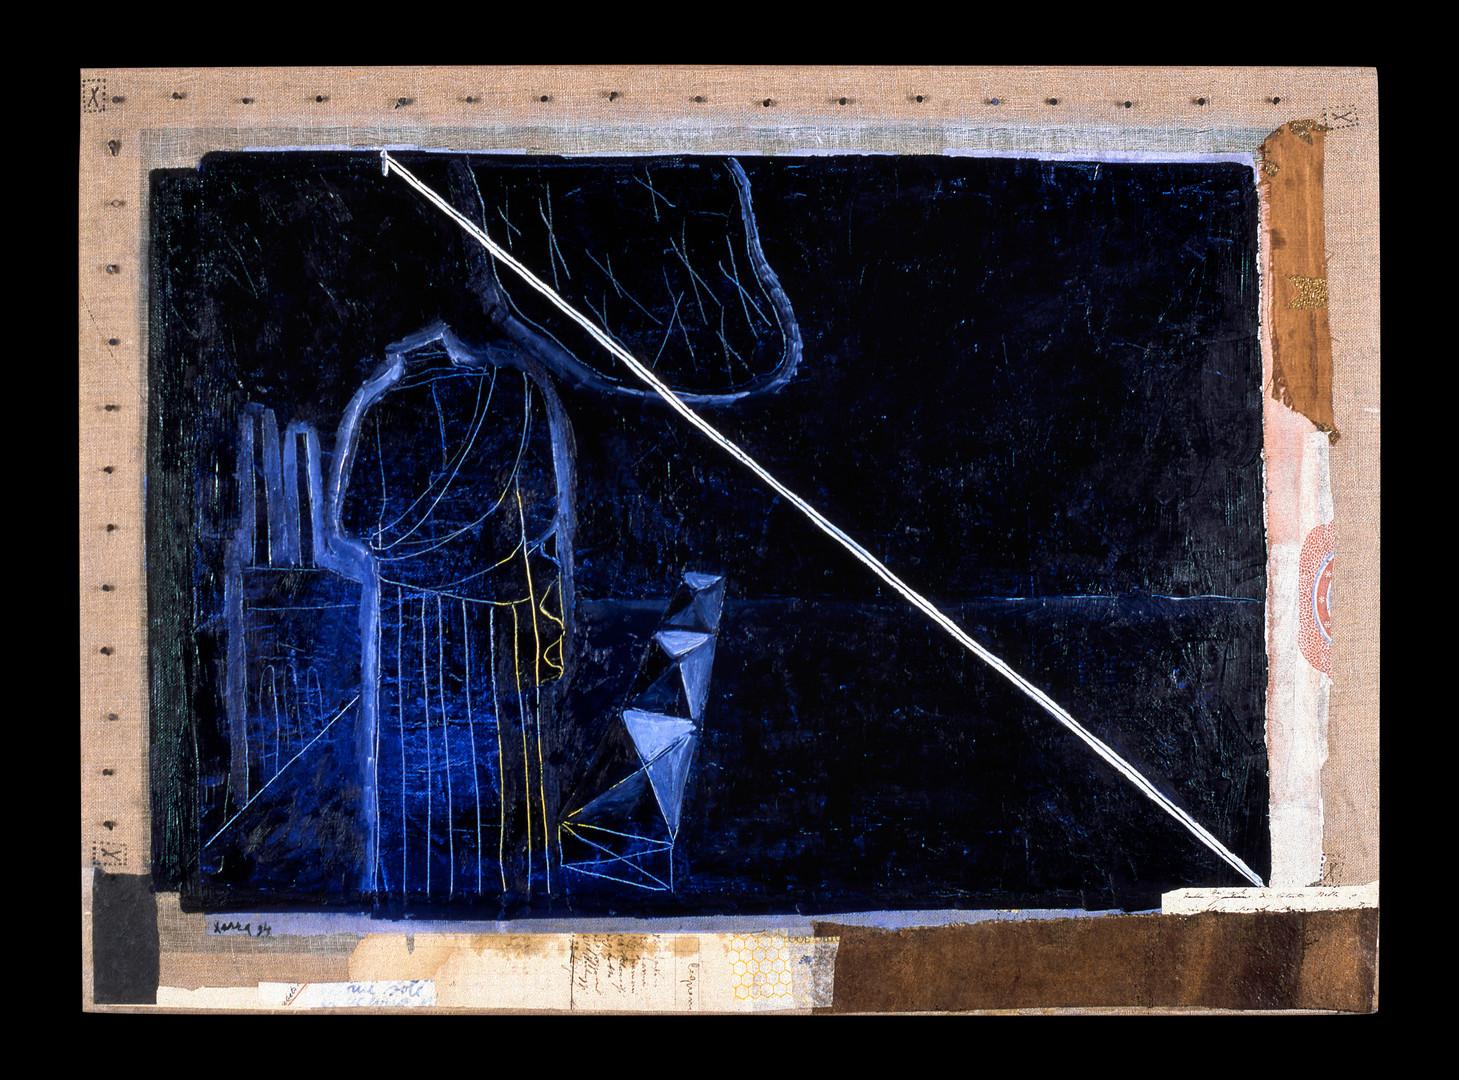 una musa cm70x95,5 - 1994.jpg